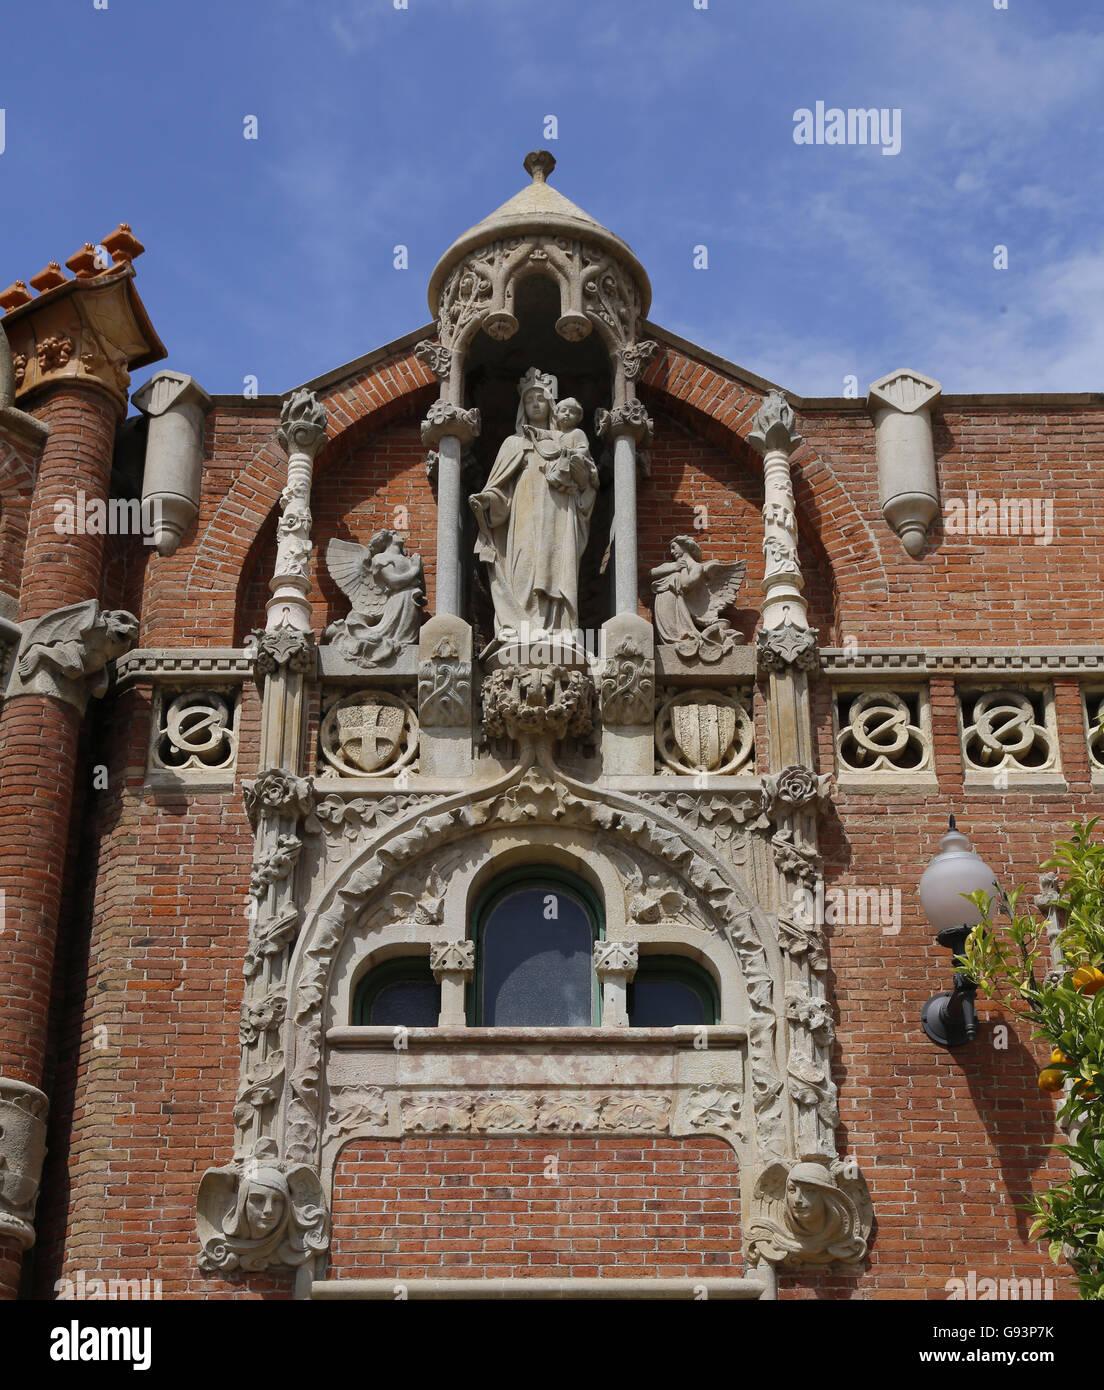 Krankenhaus des Heiligen Kreuzes und Saint Paul. 1901-1930 gebaut. Entworfen von modernistischen Architekten Lluis Stockbild